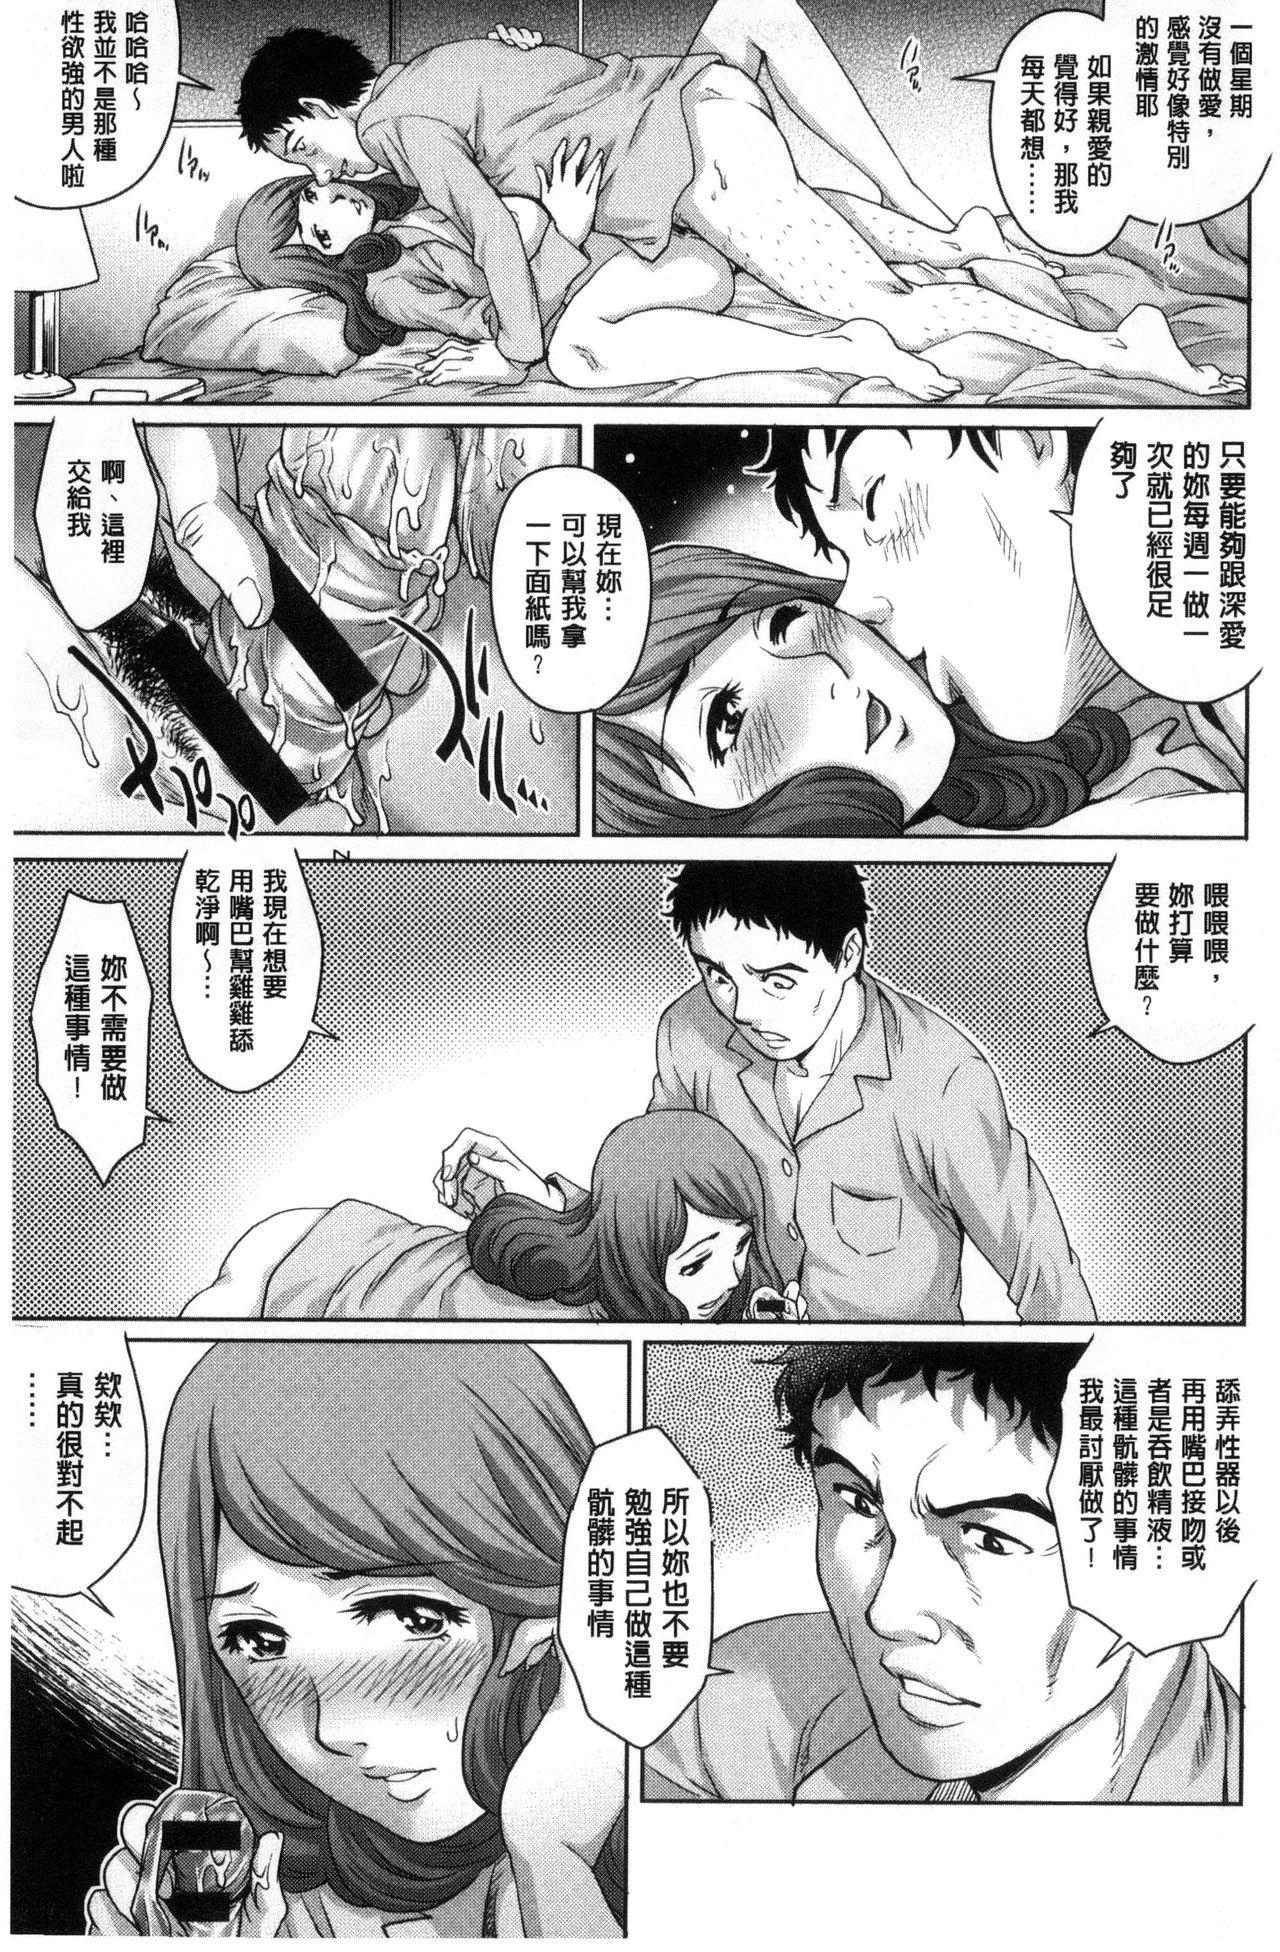 Megami-tachi no Complex | 女神們的COMPLEXES 9